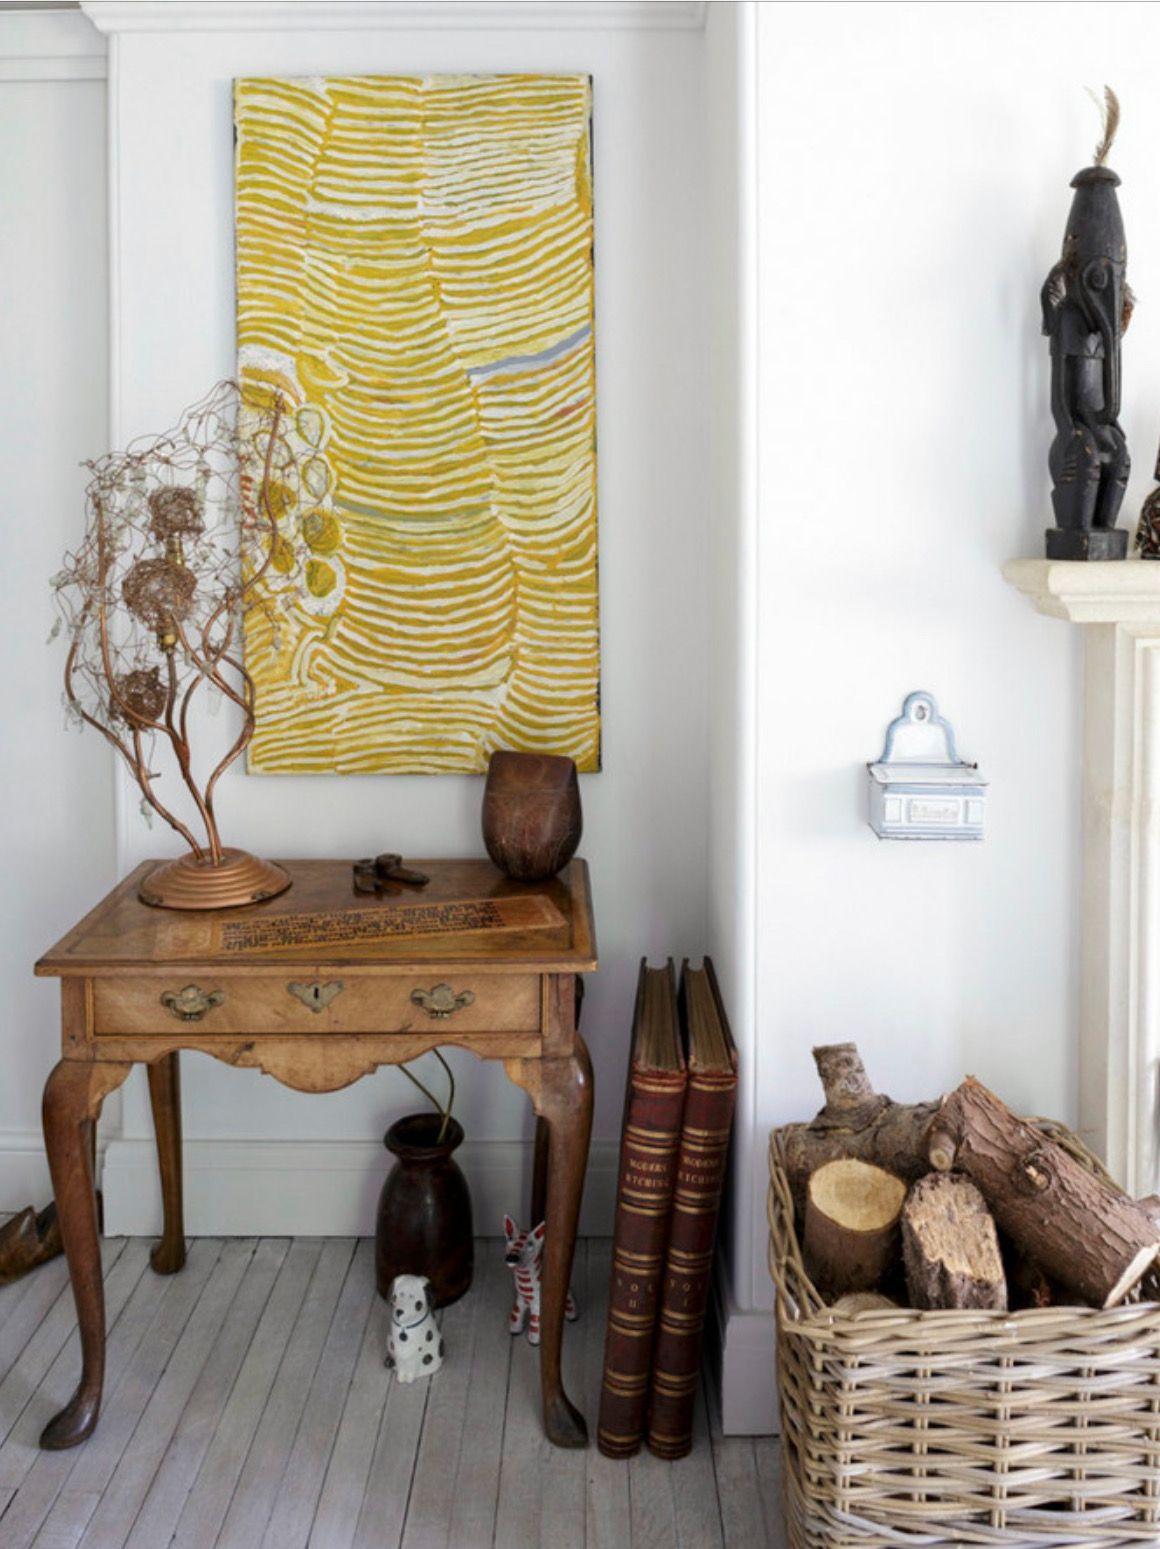 Beautiful home interiors pin by carolyn arcuri on home decor  pinterest  home decor decor